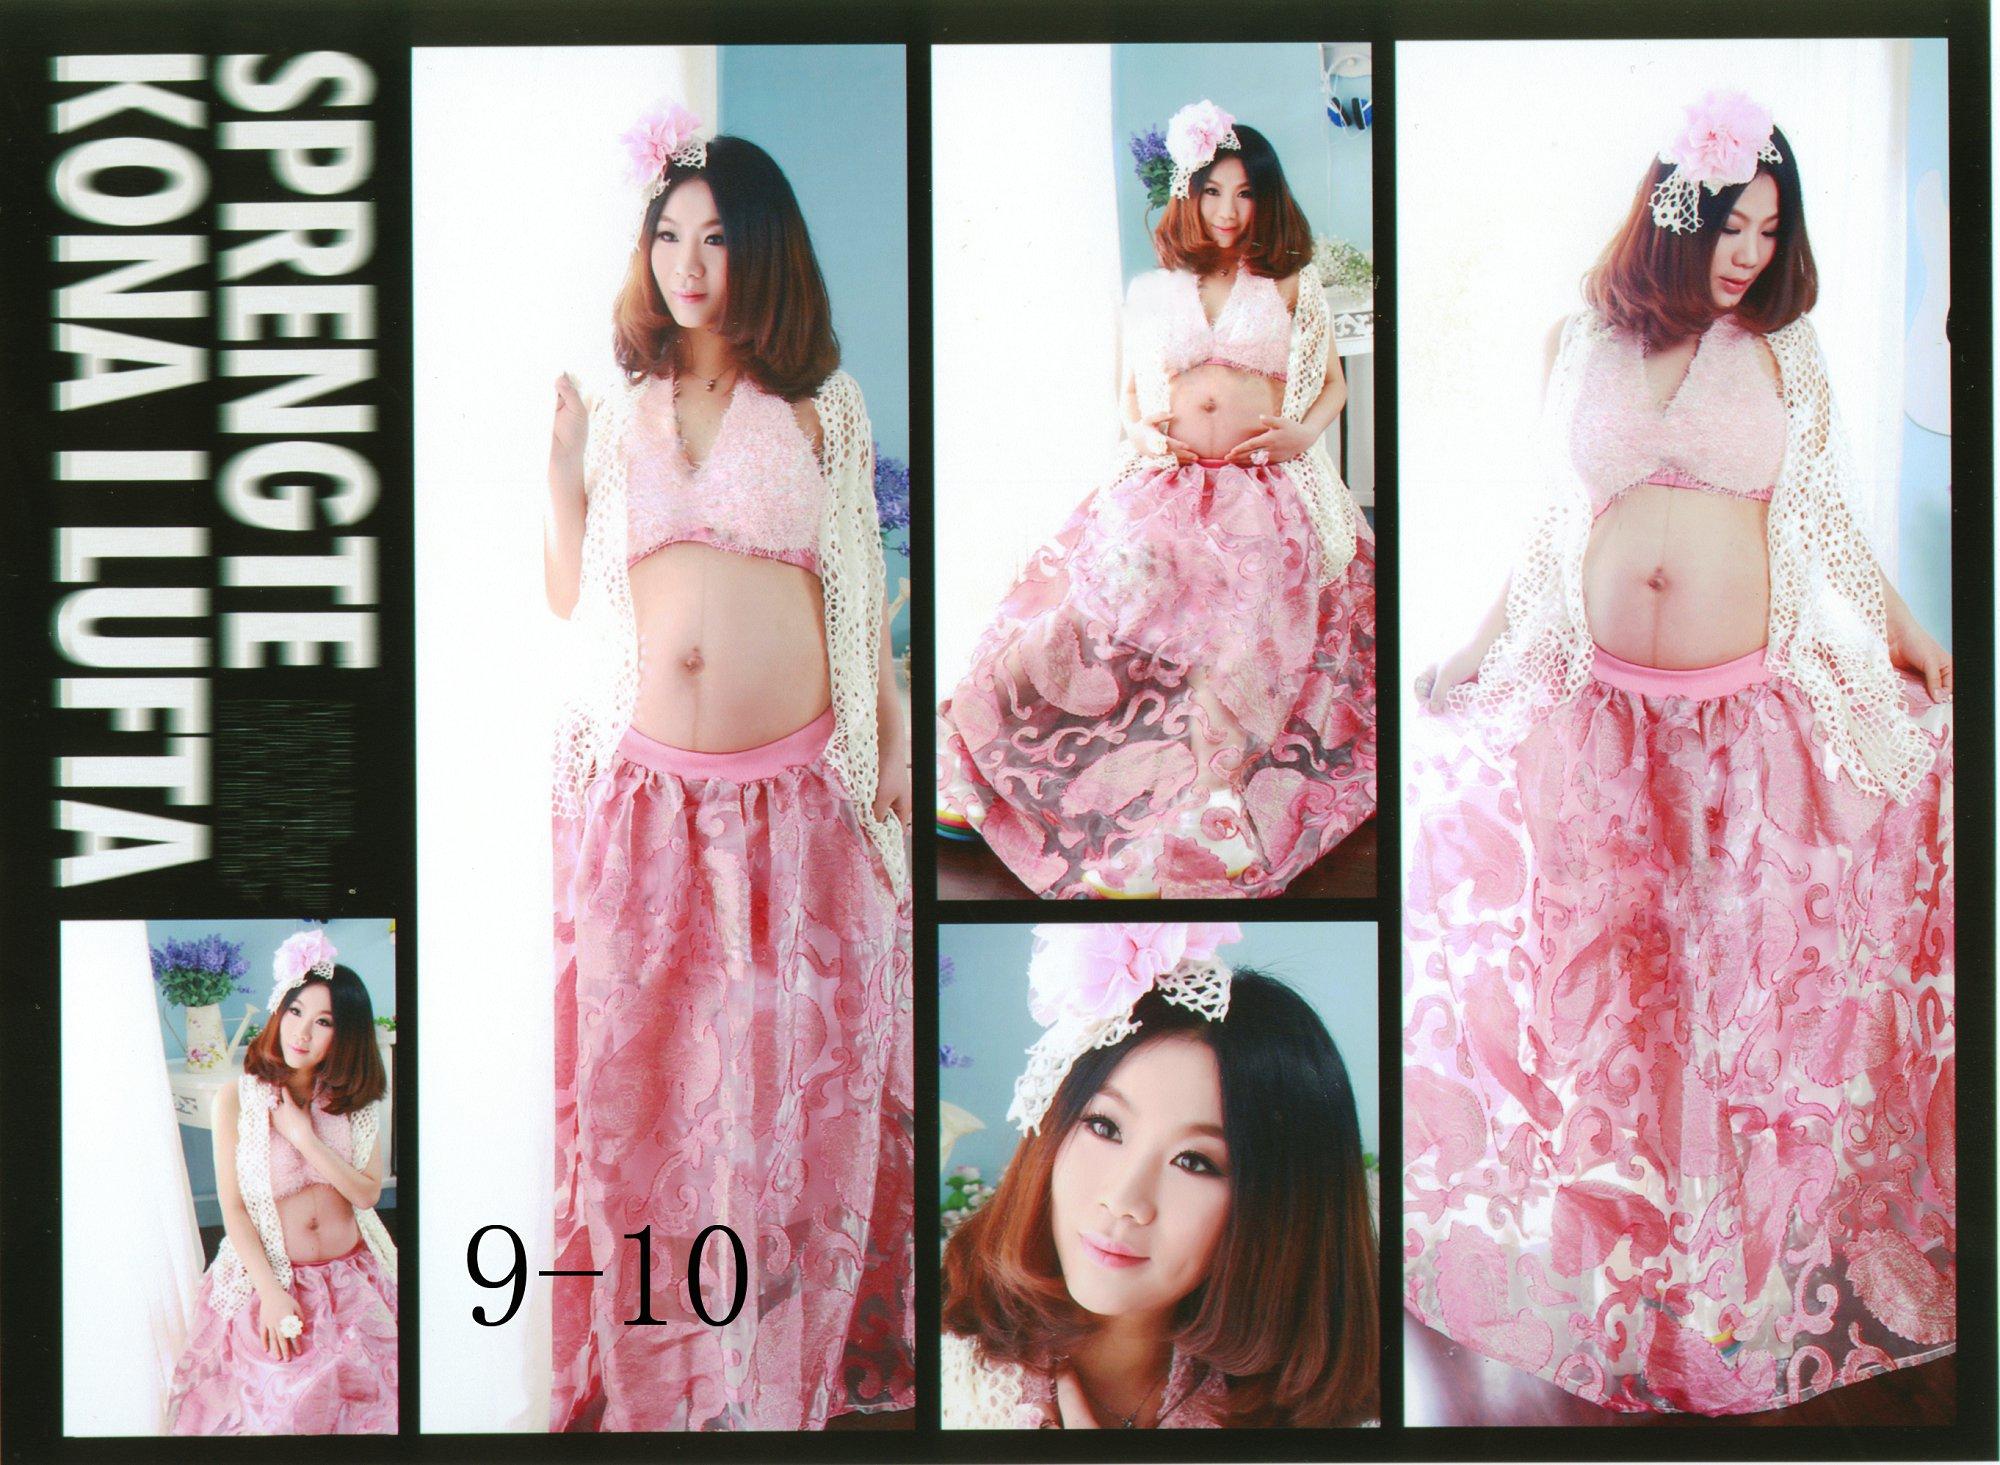 Свадебные и вечерние платья для беременных Новые фото студия одежды Студийная фотосъемка одежды материнства для беременных женщин одежда